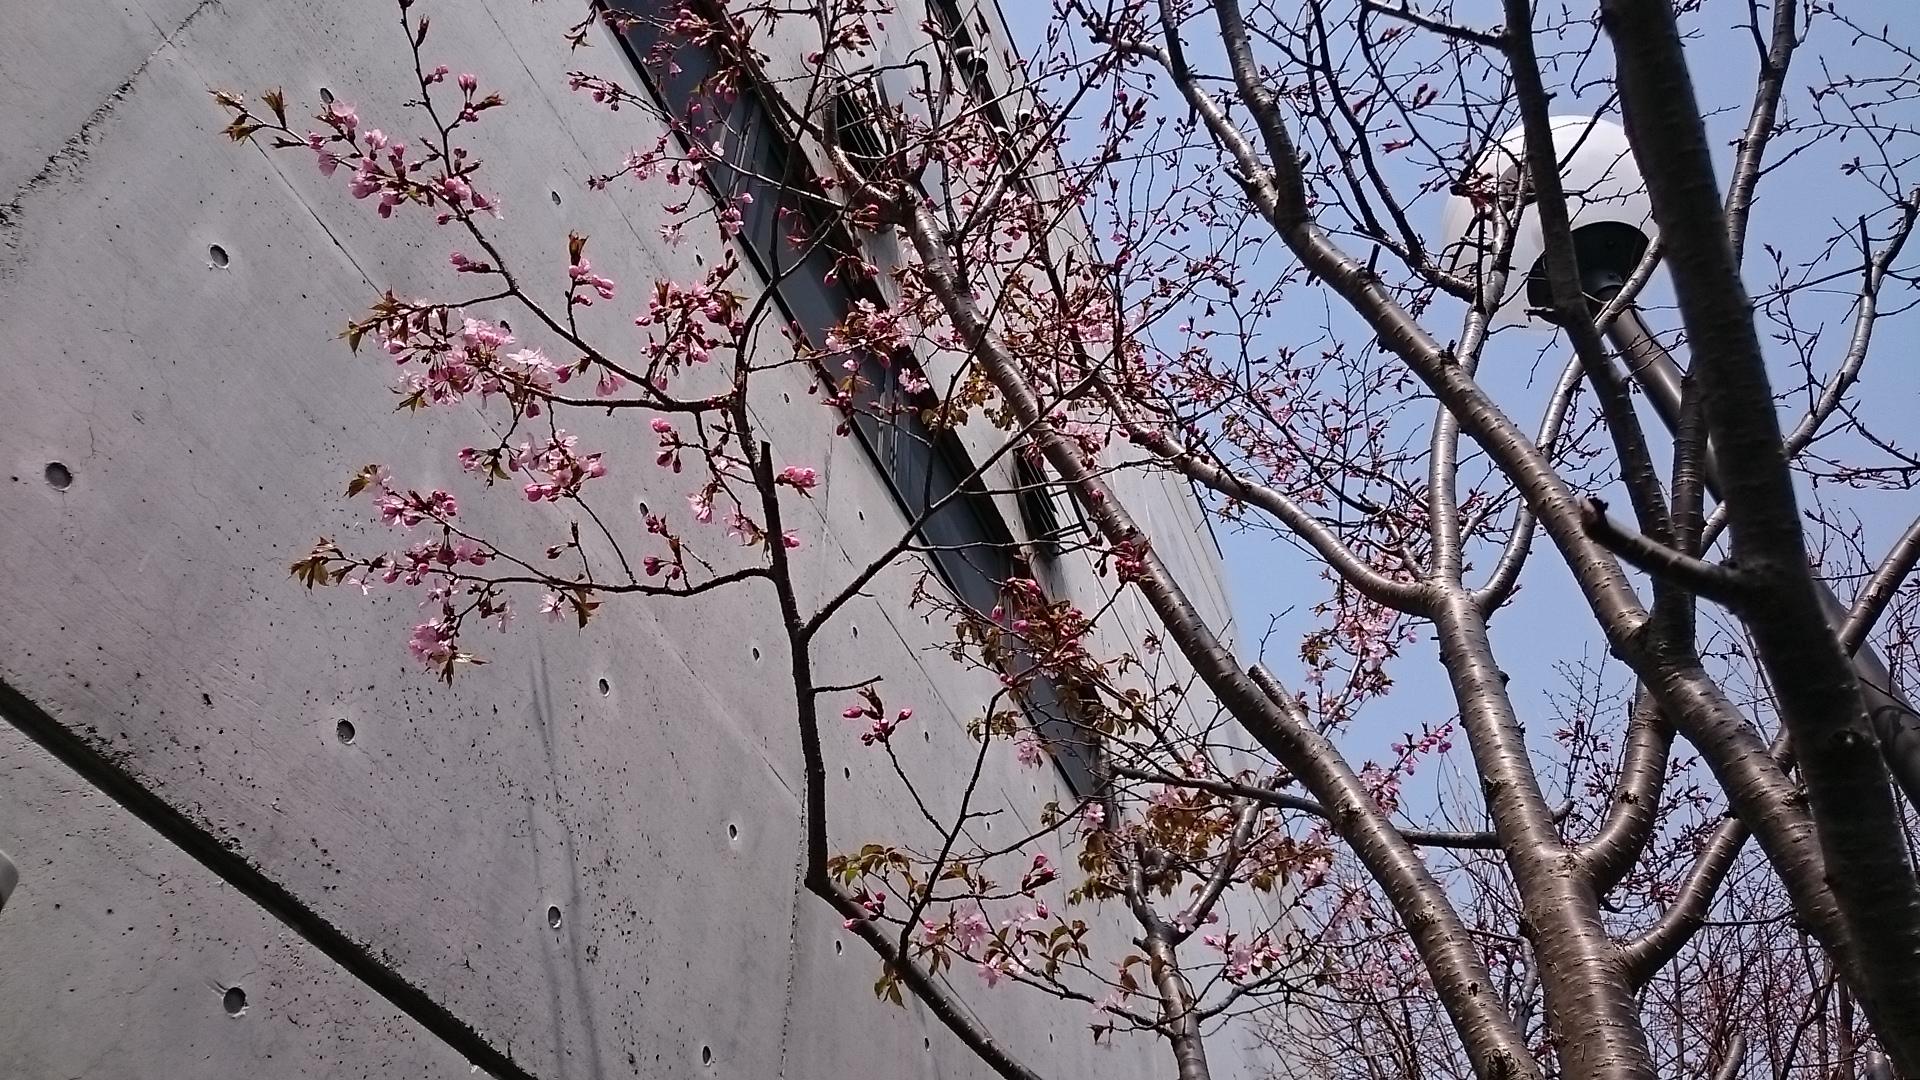 早咲きの桜は壁からの輻射熱で暖められた